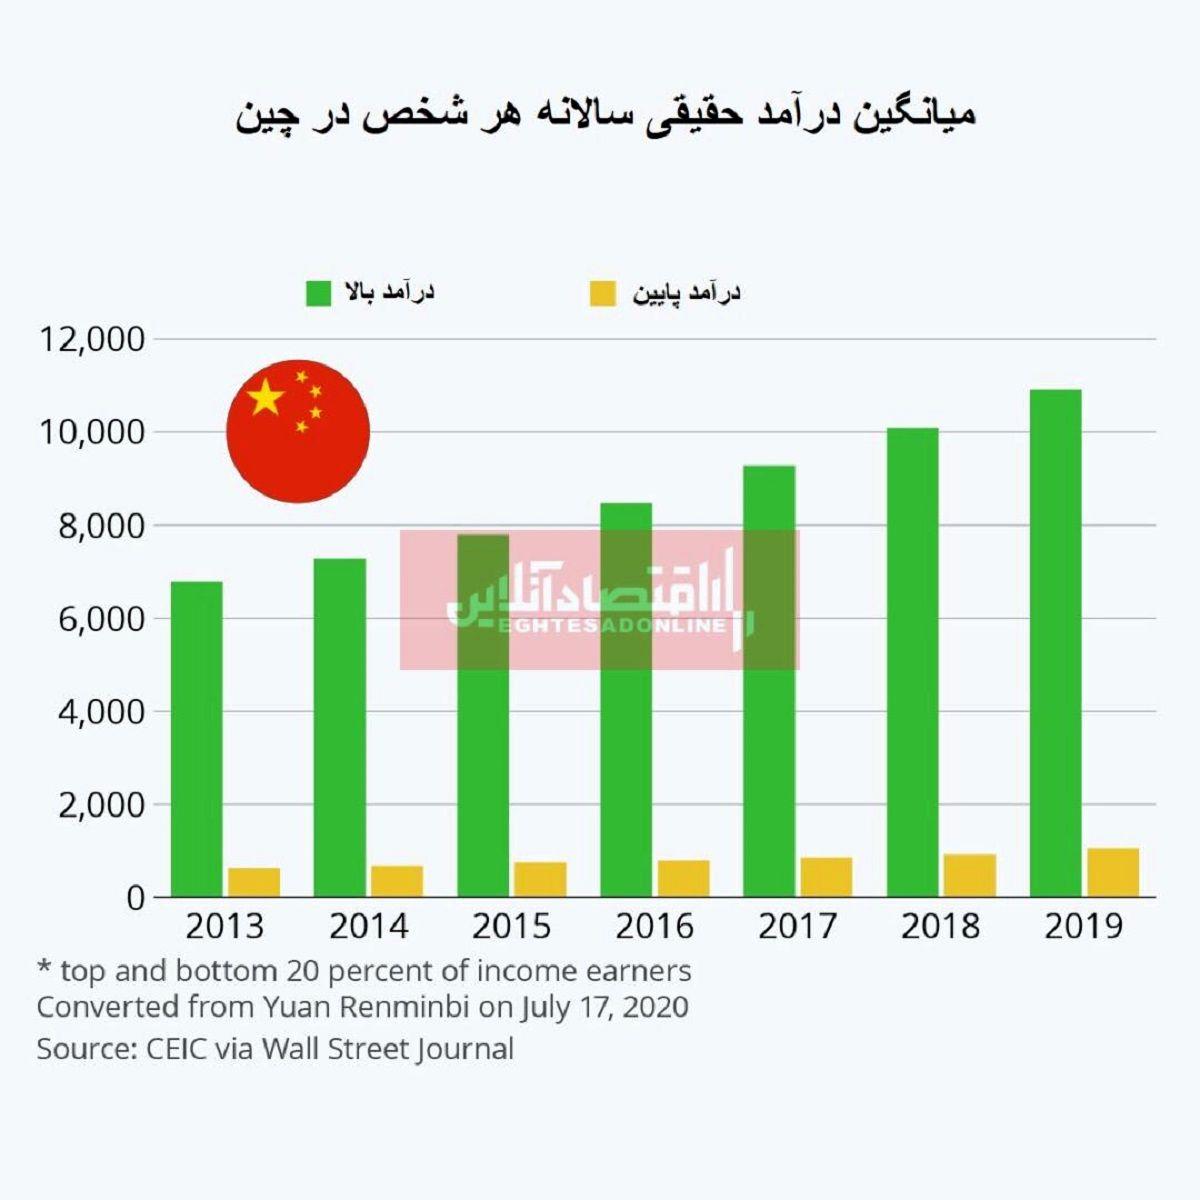 رشد اقتصادی منجر به بهبود نابرابری میشود؟/ بررسی روند توزیع درآمد در چین